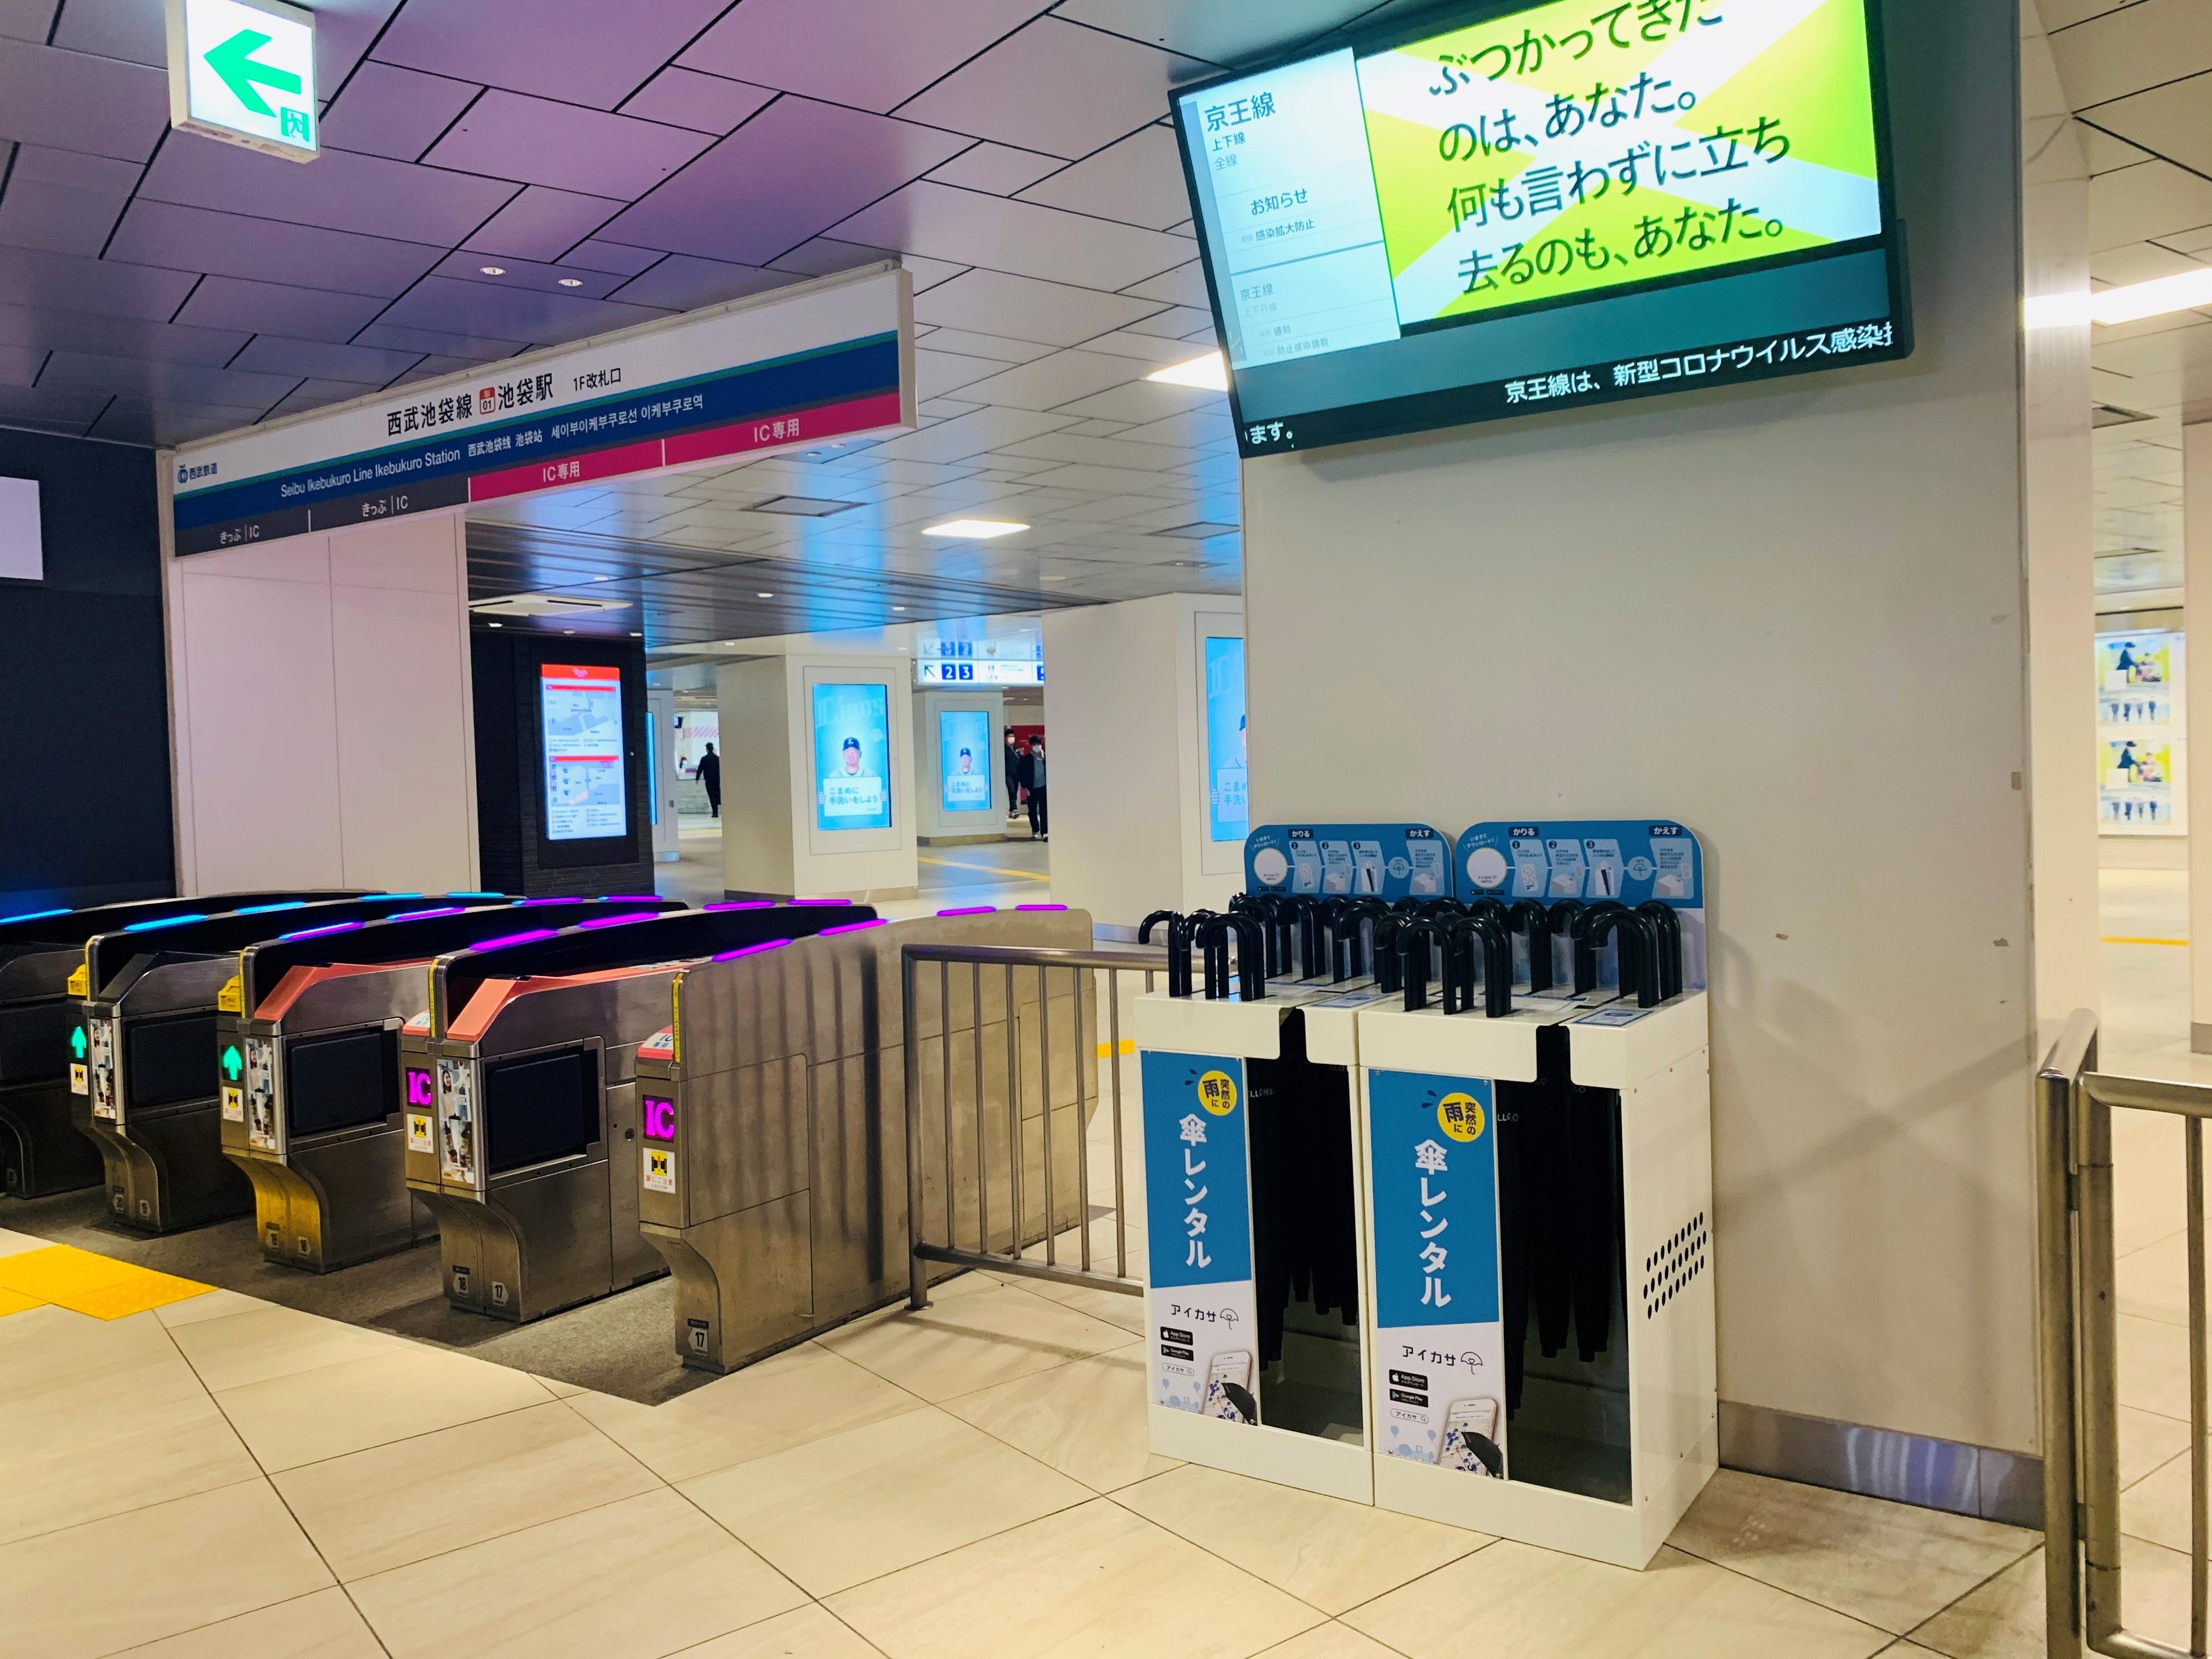 傘のシェアリングサービス「アイカサ(TM)」のレンタルスポット(傘立て)を、西武鉄道新宿線(全29駅... 画像